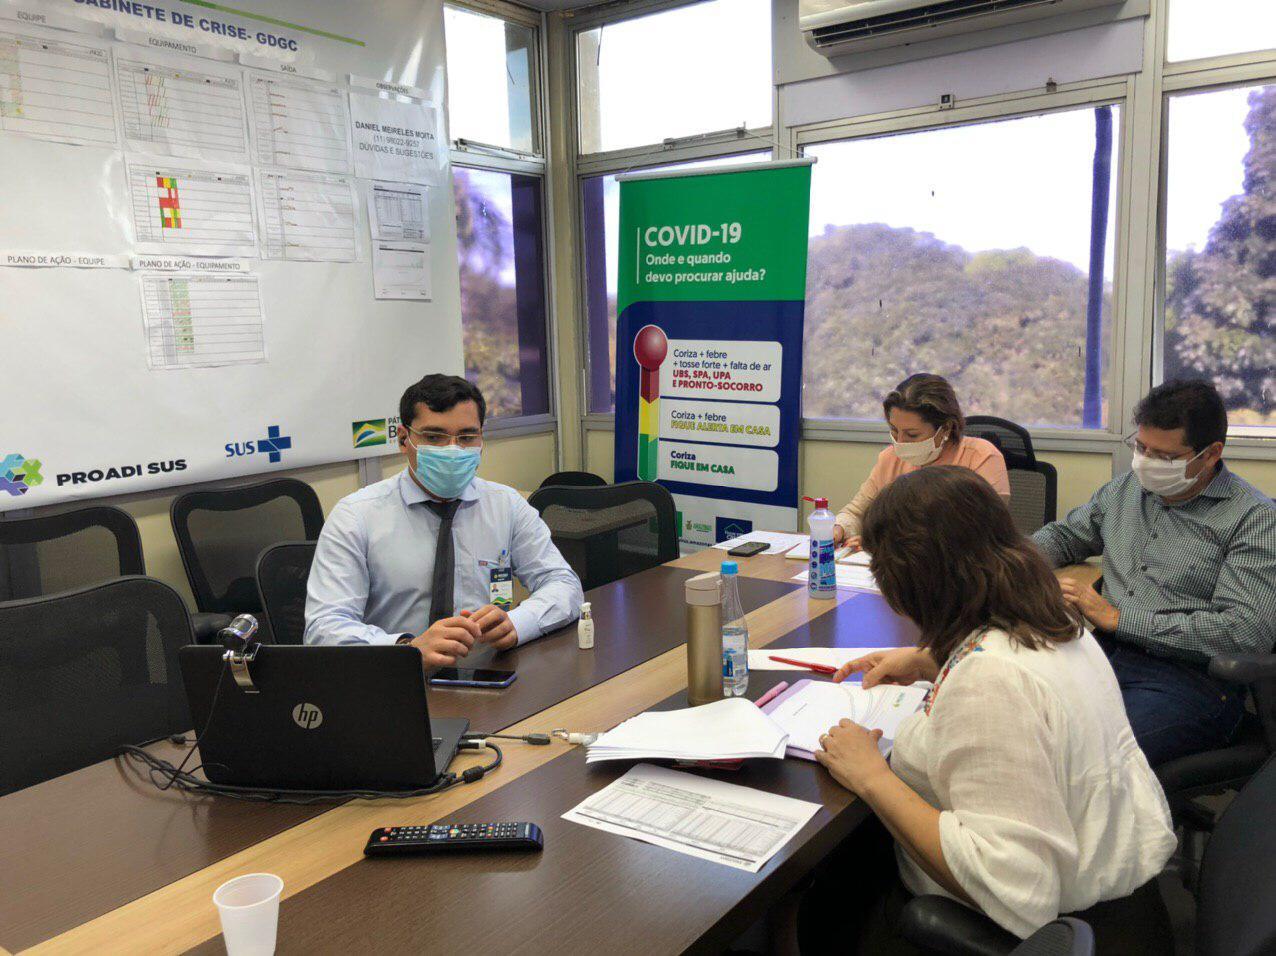 Juiz da 4ª Vara da Fazenda Pública se diz satisfeito com ações apresentadas pela Susam para o enfrentamento da pandemia do novo coronavírus